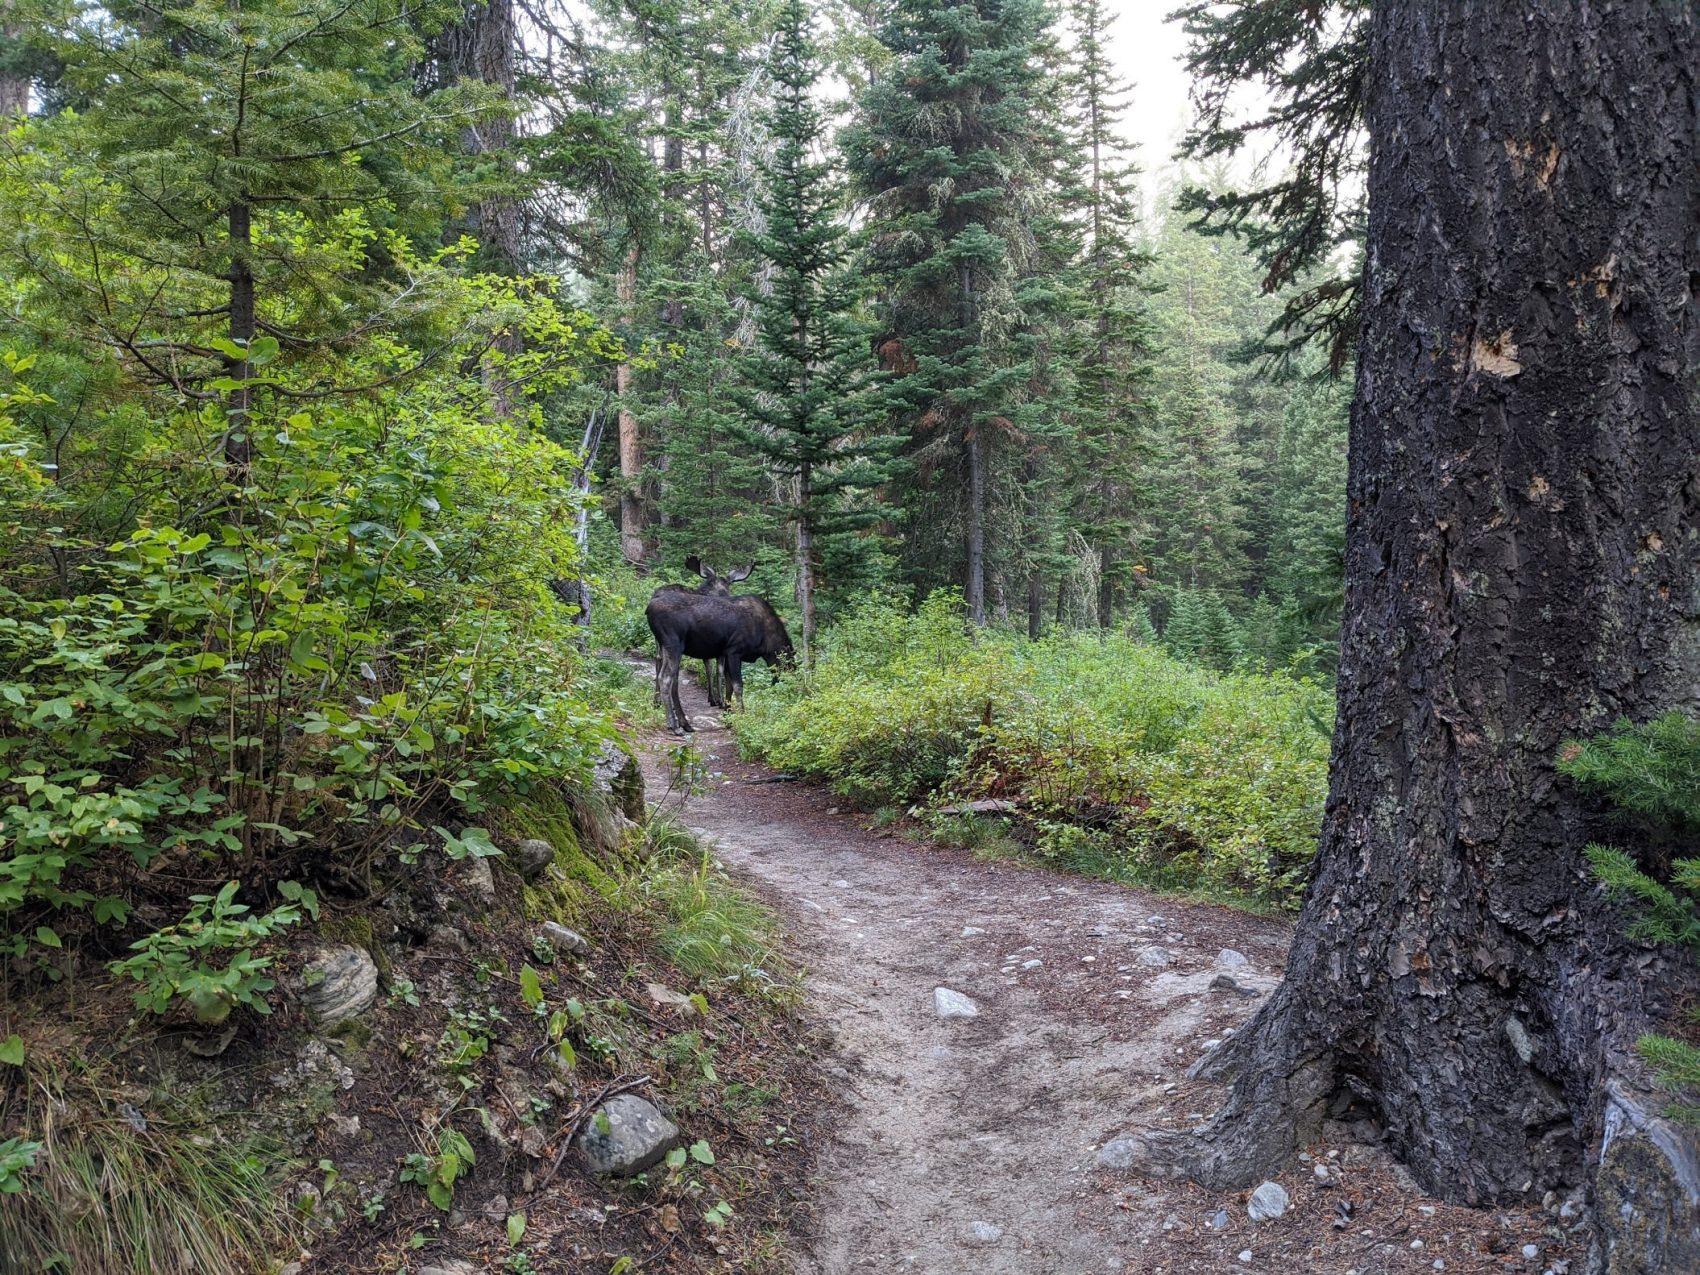 Two bull moose